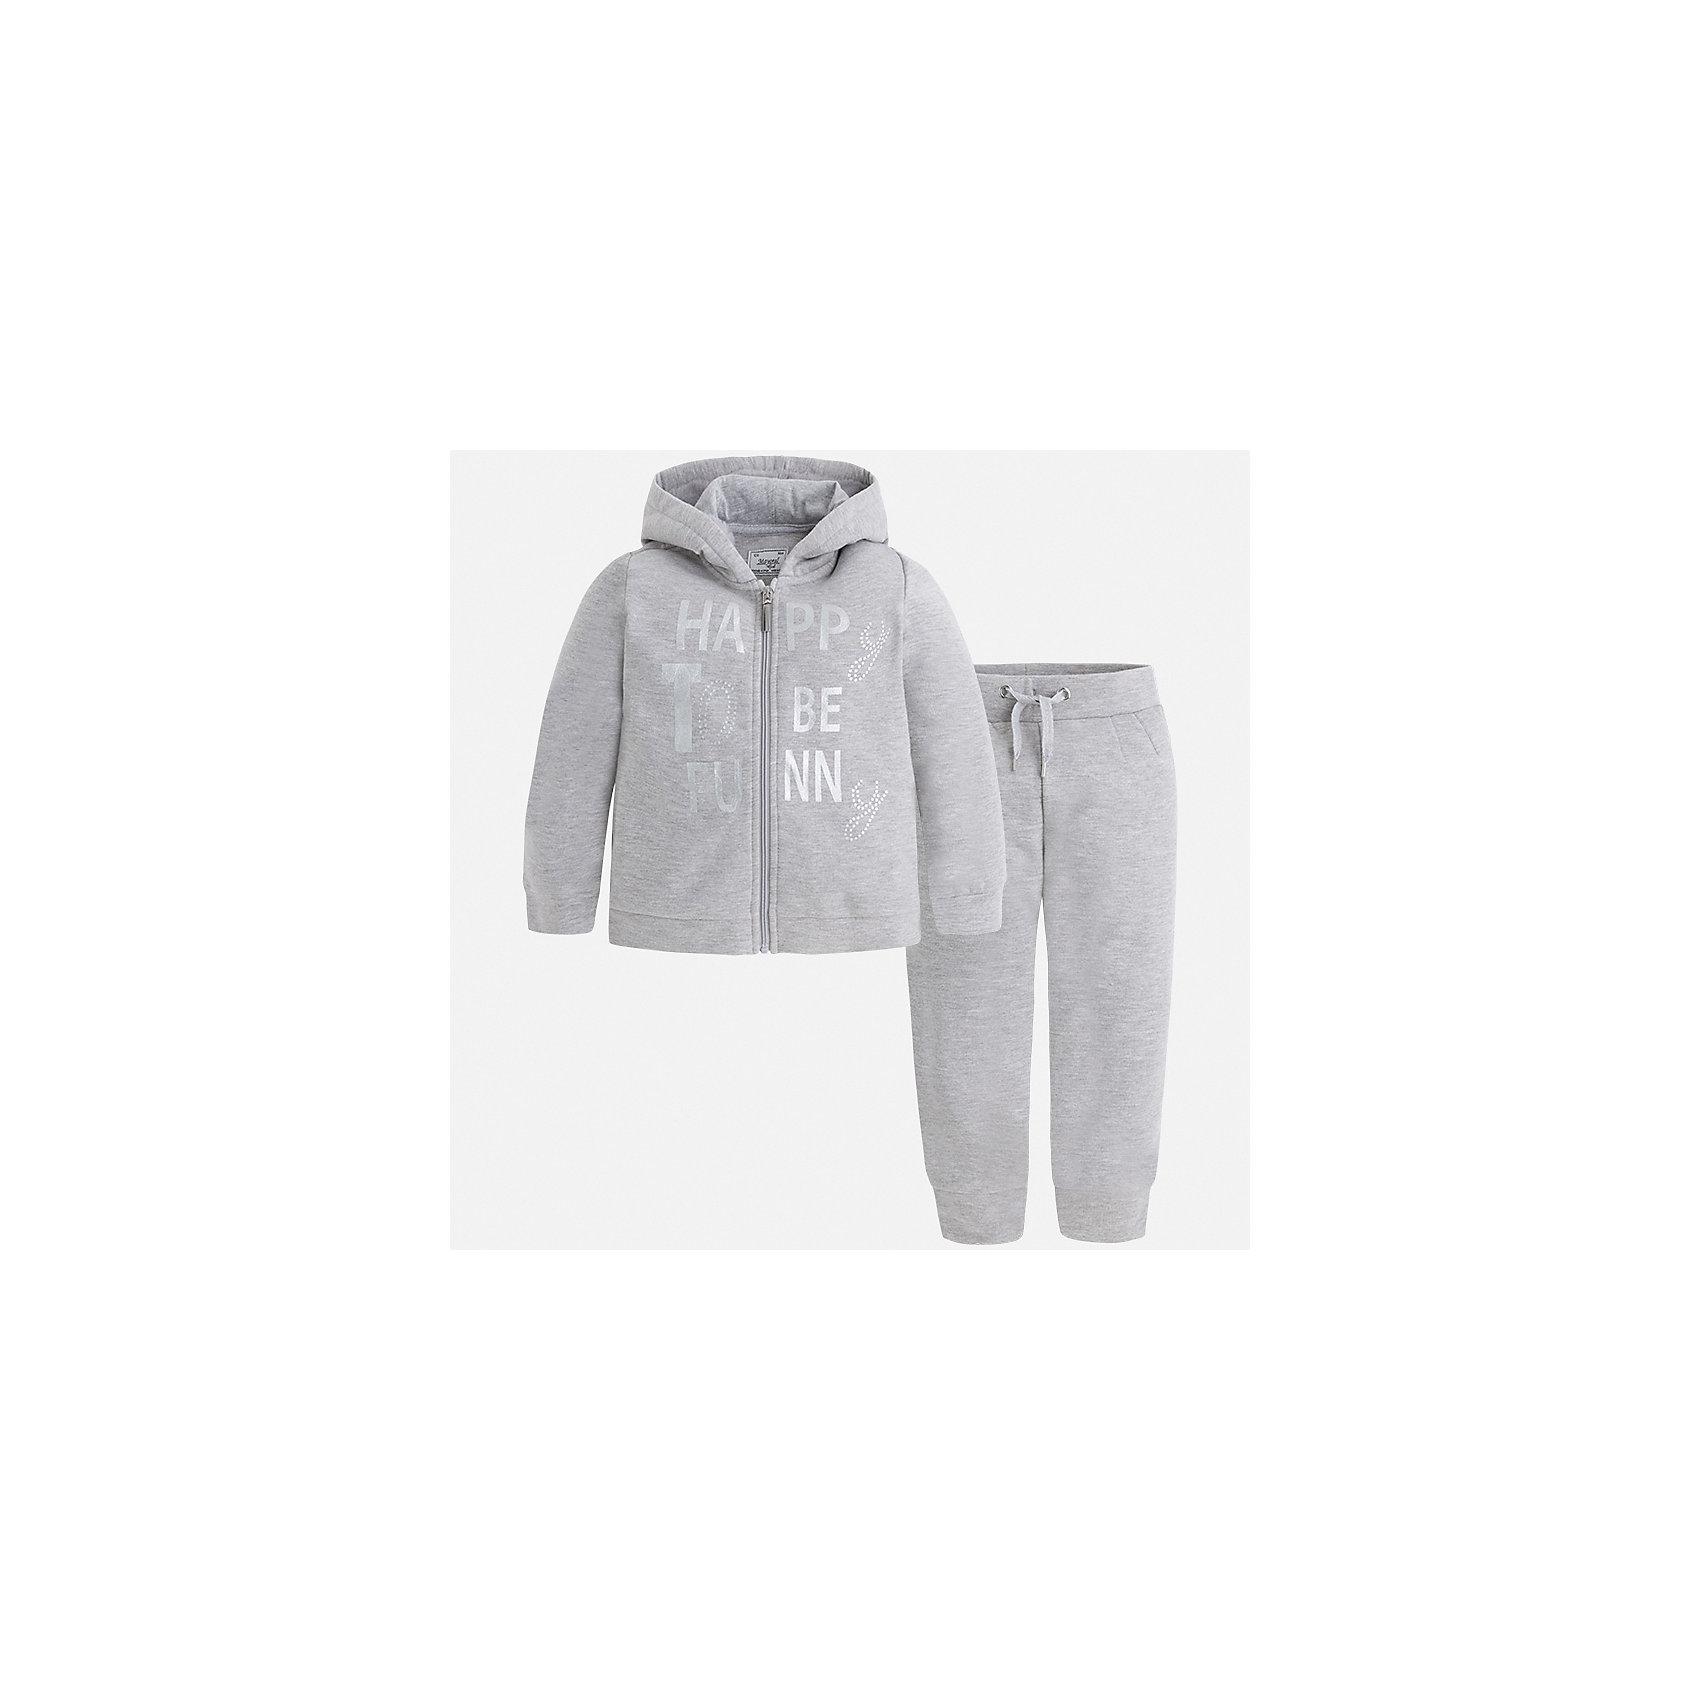 Спортивный костюм для девочки MayoralКомплекты<br>Характеристики товара:<br><br>• цвет: серый<br>• комплектация: курточка и брюки<br>• состав ткани курточки: 58% хлопок, 37% полиэстер, 3% эластан<br>• состав ткани брюк: 58% хлопок, 37% полиэстер, 3% эластан<br>• длинные рукава<br>• застежка: молния<br>• пояс: резинка и шнурок<br>• особенности модели: спортивный стиль<br>• сезон: круглый год<br>• страна бренда: Испания<br>• страна изготовитель: Индия<br><br>Костюм для занятий спортом может быть стильной и удобной. Этот спортивный костюм - отличный вариант одежды для отдыха и занятий спортом, он состоит из брюк и курточки с капюшоном.<br><br>В одежде от испанской компании Майорал ребенок будет выглядеть модно, а чувствовать себя - комфортно. Целая команда европейских талантливых дизайнеров работает над созданием стильных и оригинальных моделей одежды.<br><br>Спортивный костюм для девочки Mayoral (Майорал) можно купить в нашем интернет-магазине.<br><br>Ширина мм: 247<br>Глубина мм: 16<br>Высота мм: 140<br>Вес г: 225<br>Цвет: серый<br>Возраст от месяцев: 96<br>Возраст до месяцев: 108<br>Пол: Женский<br>Возраст: Детский<br>Размер: 134,92,98,104,110,116,122,128<br>SKU: 6923022